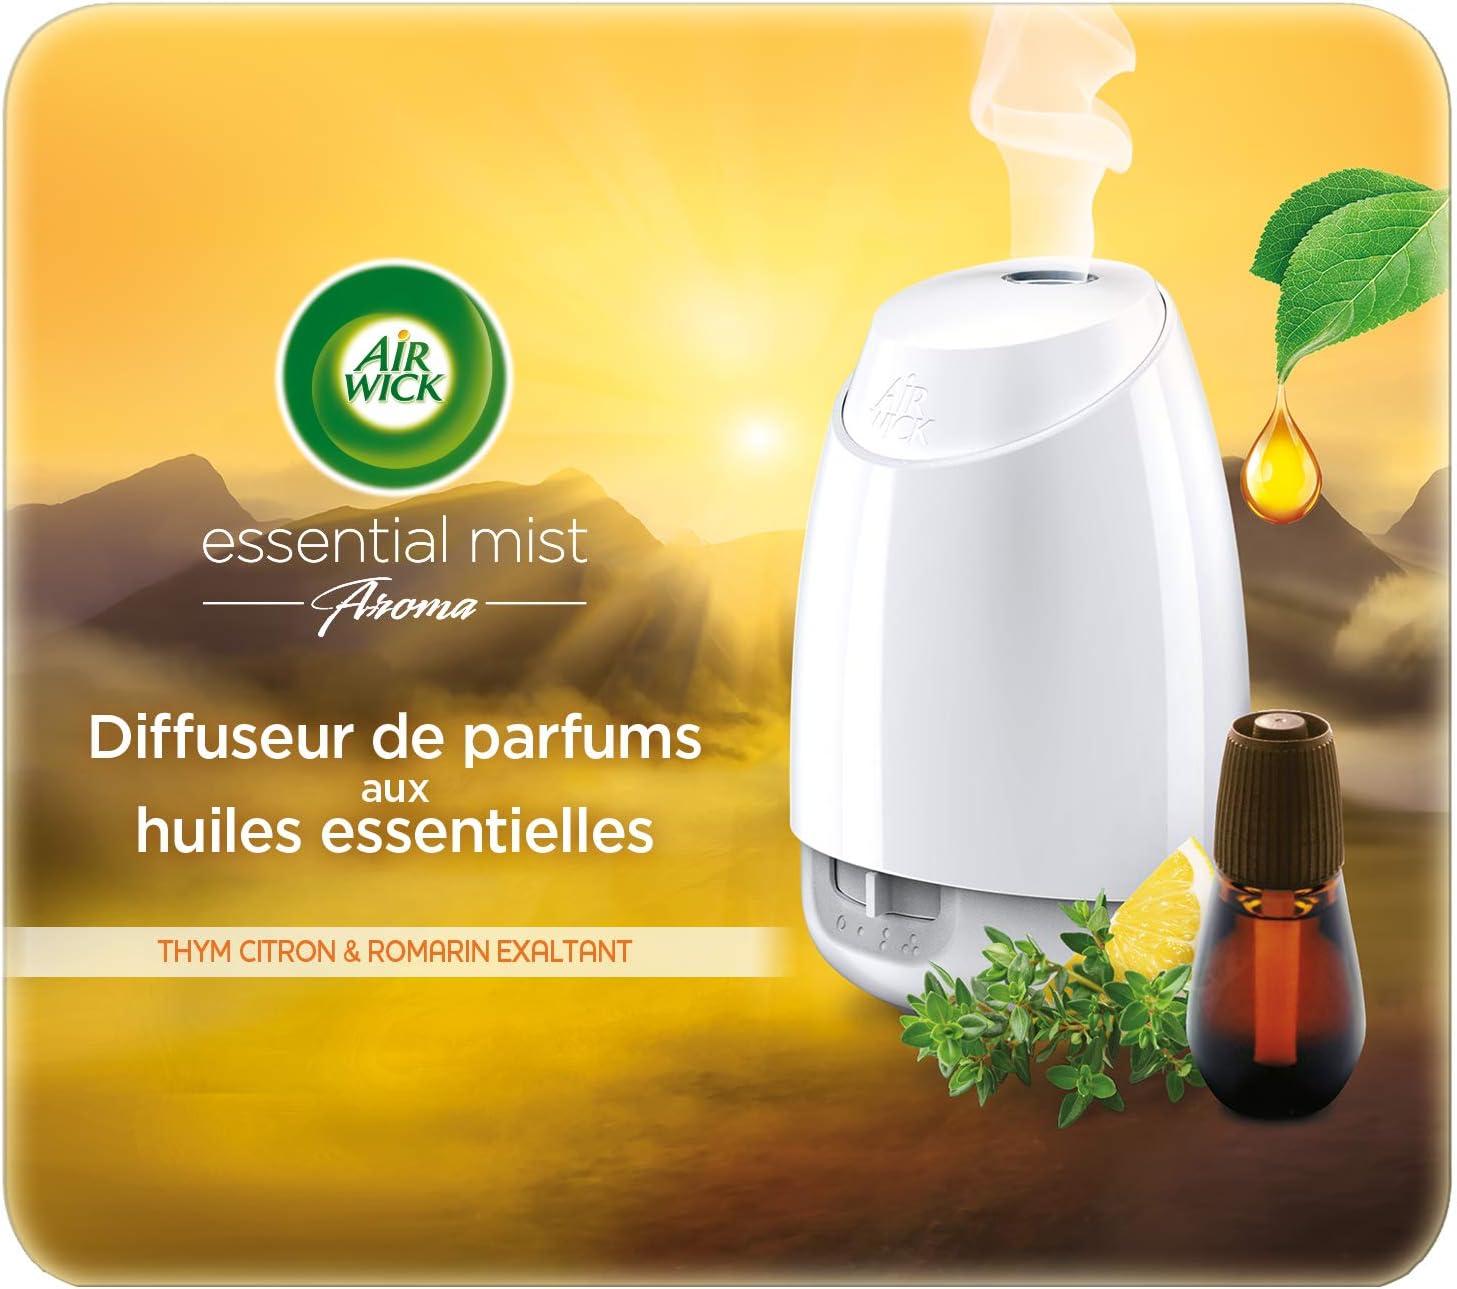 Diffuseur d'huiles essentielles Air Wick + recharge Thym Citron en promotion